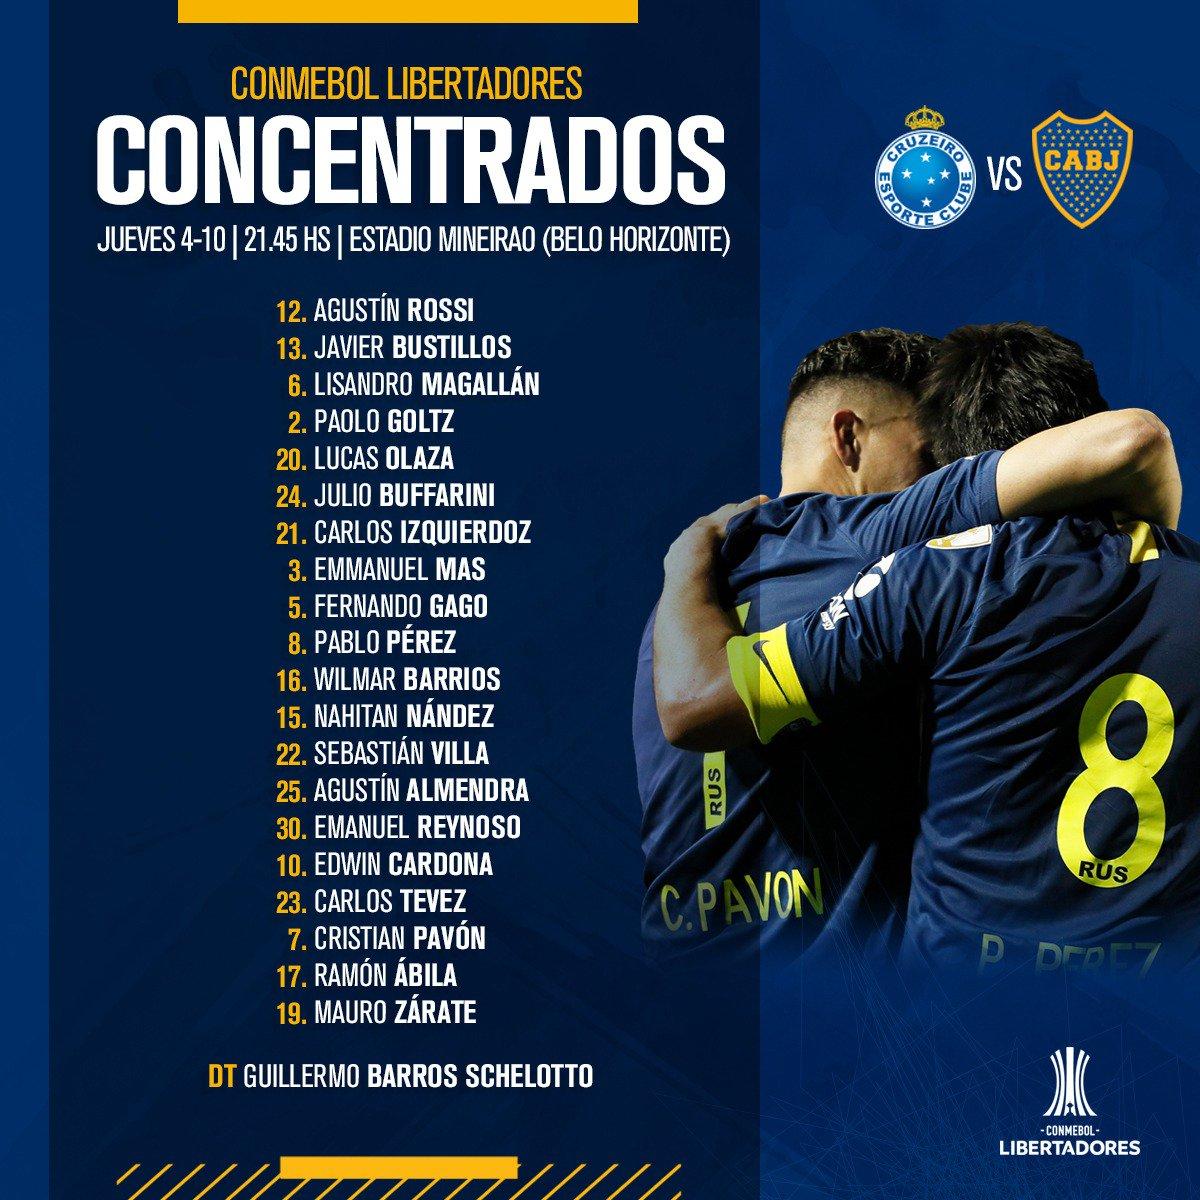 Boca divulga relacionados para jogo com Cruzeiro e confirma presença de atacante; veja lista